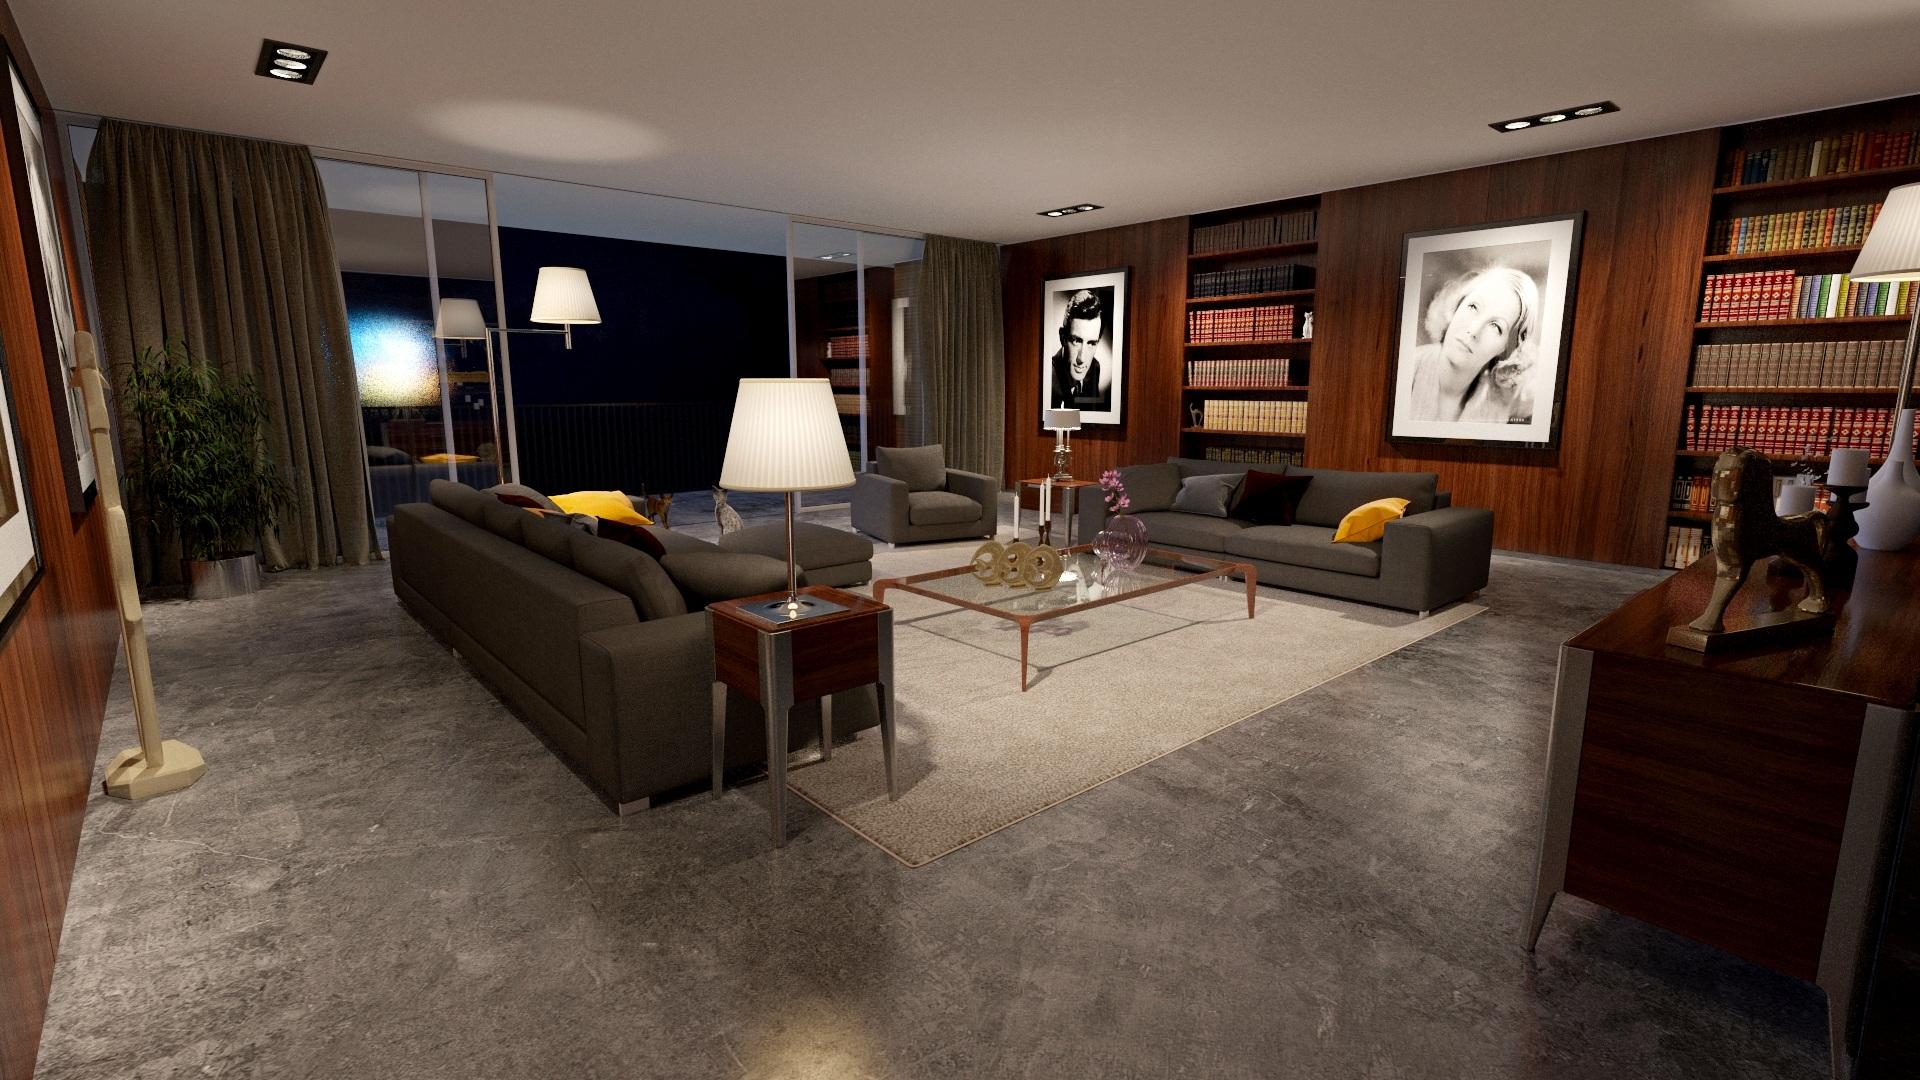 Gratis Afbeeldingen : villa, verdieping, huis-, eigendom, woonkamer ...